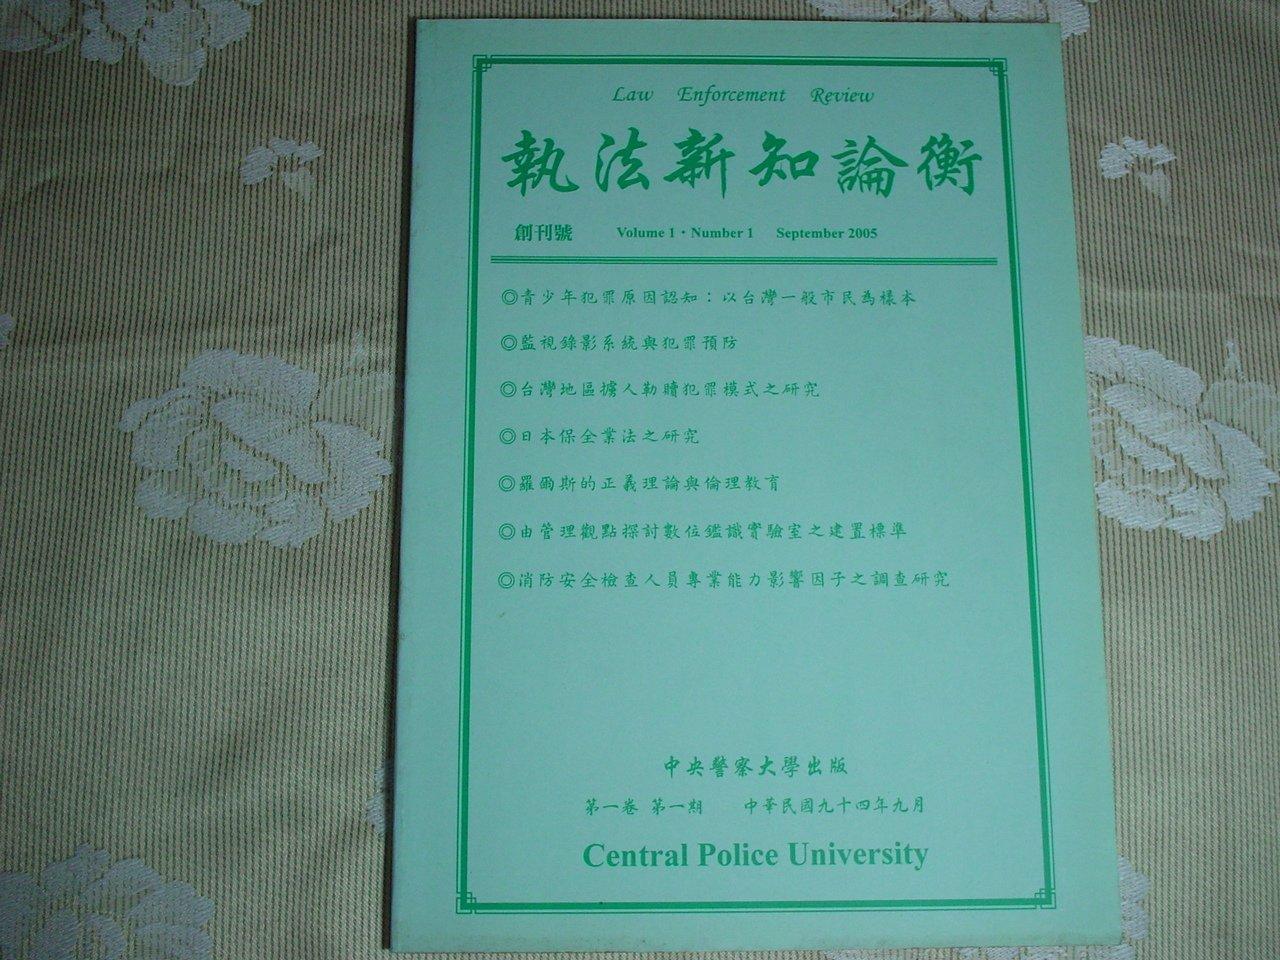 執法新知論衡 創刊號 總第1期 2005年9月《監視錄影系統與犯罪預防》書況為實品拍攝,無標記,如新如圖【A2.110】